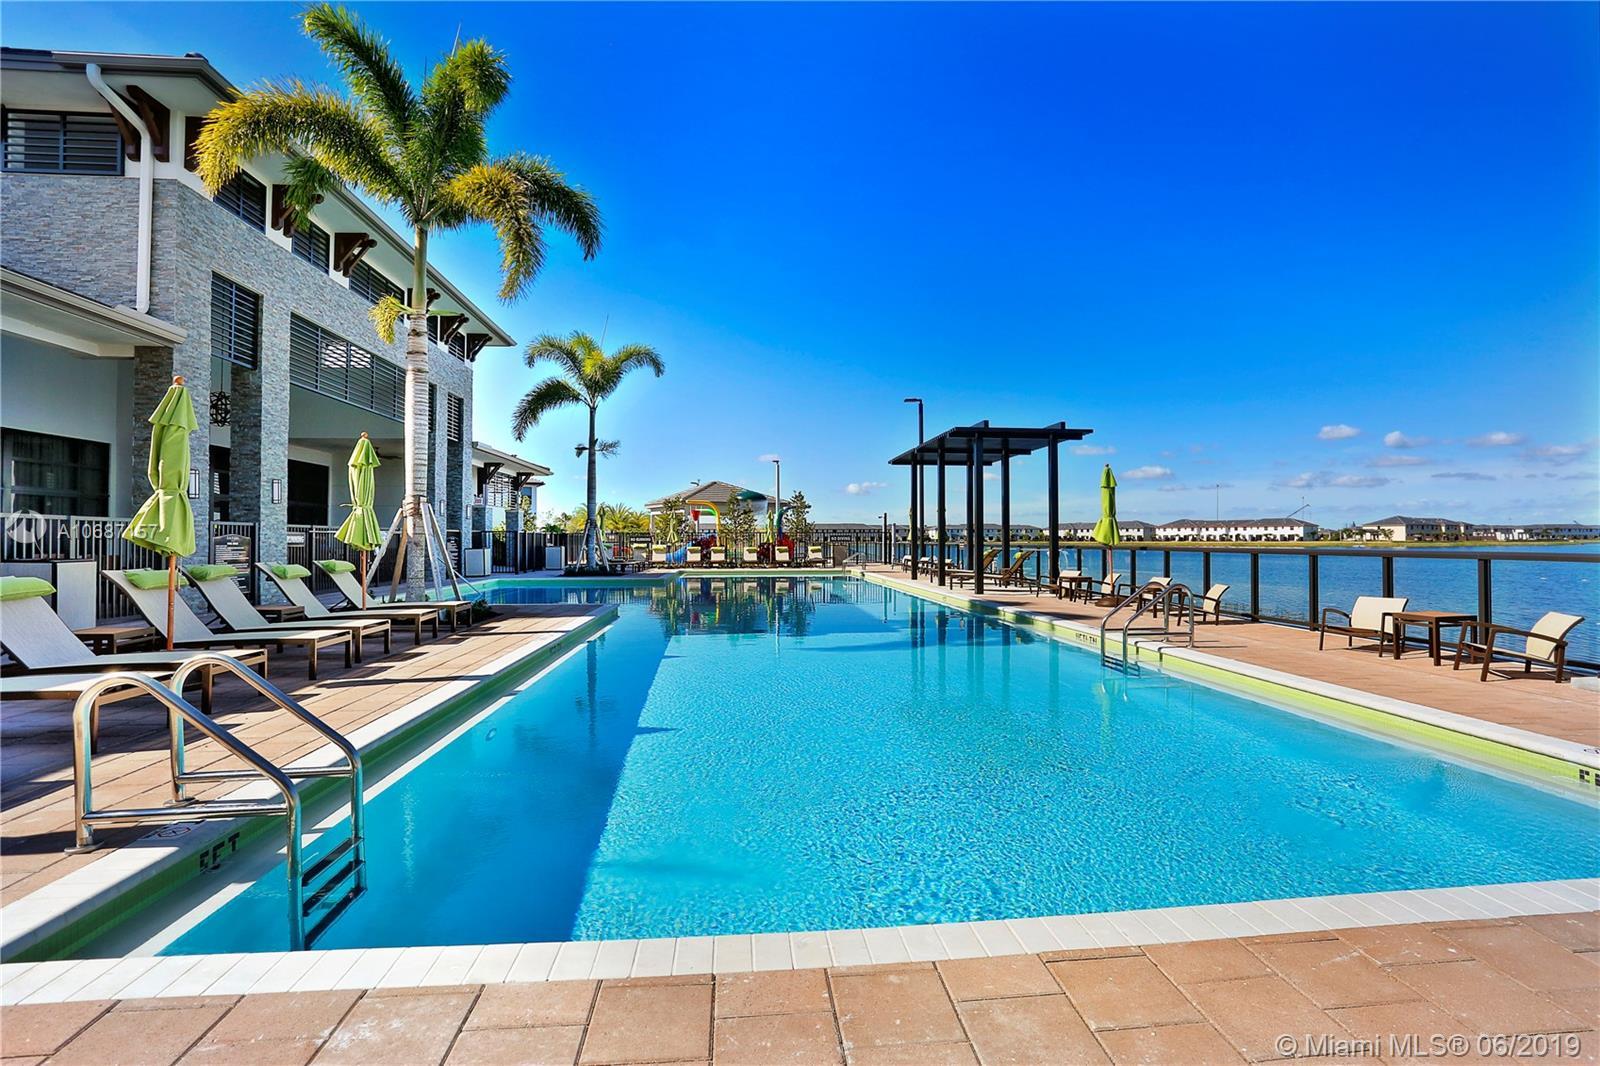 Miami Lakes # - 04 - photo